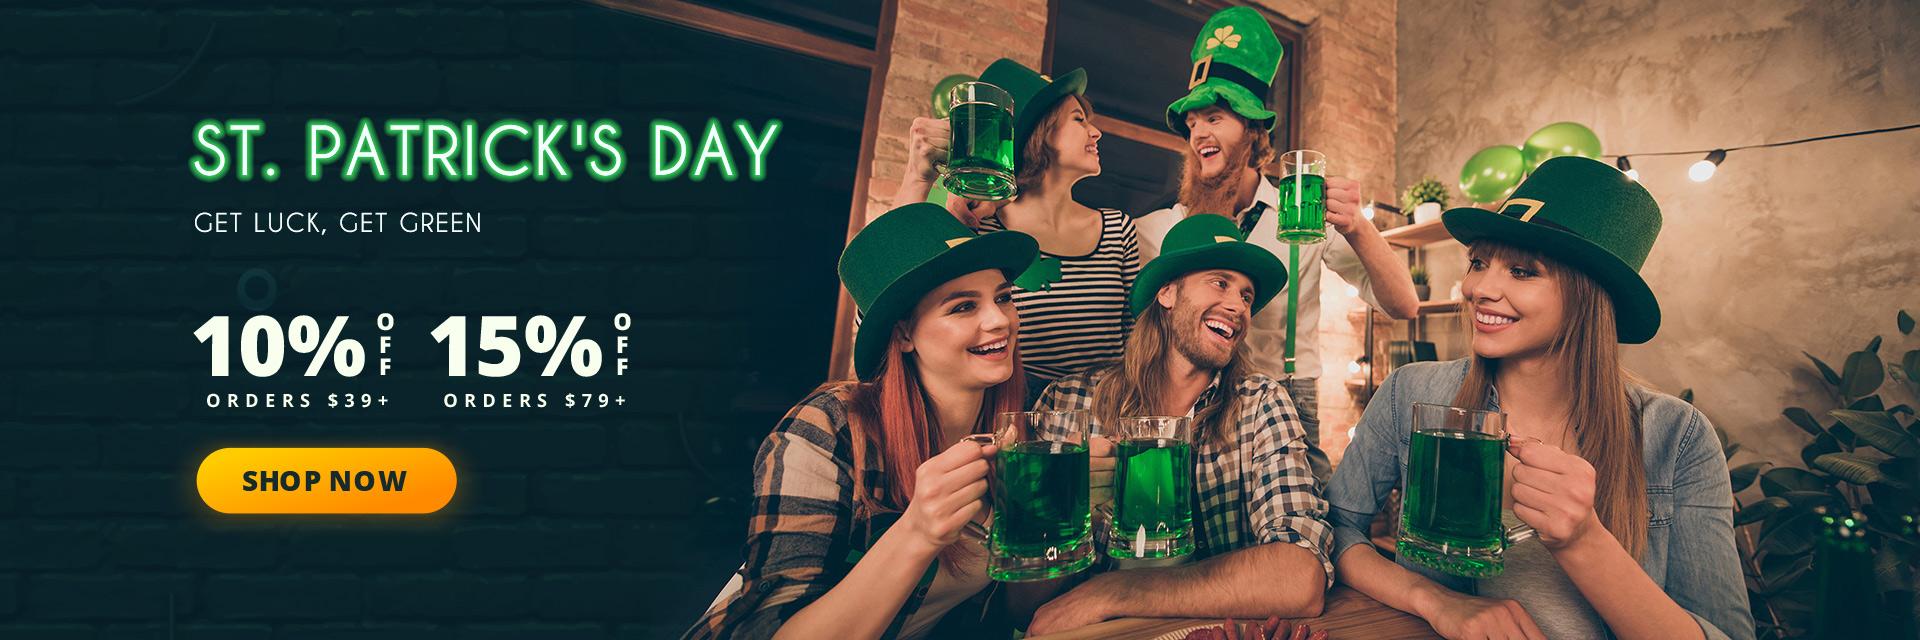 dresslily.com - St. Patrick's Day Sale!